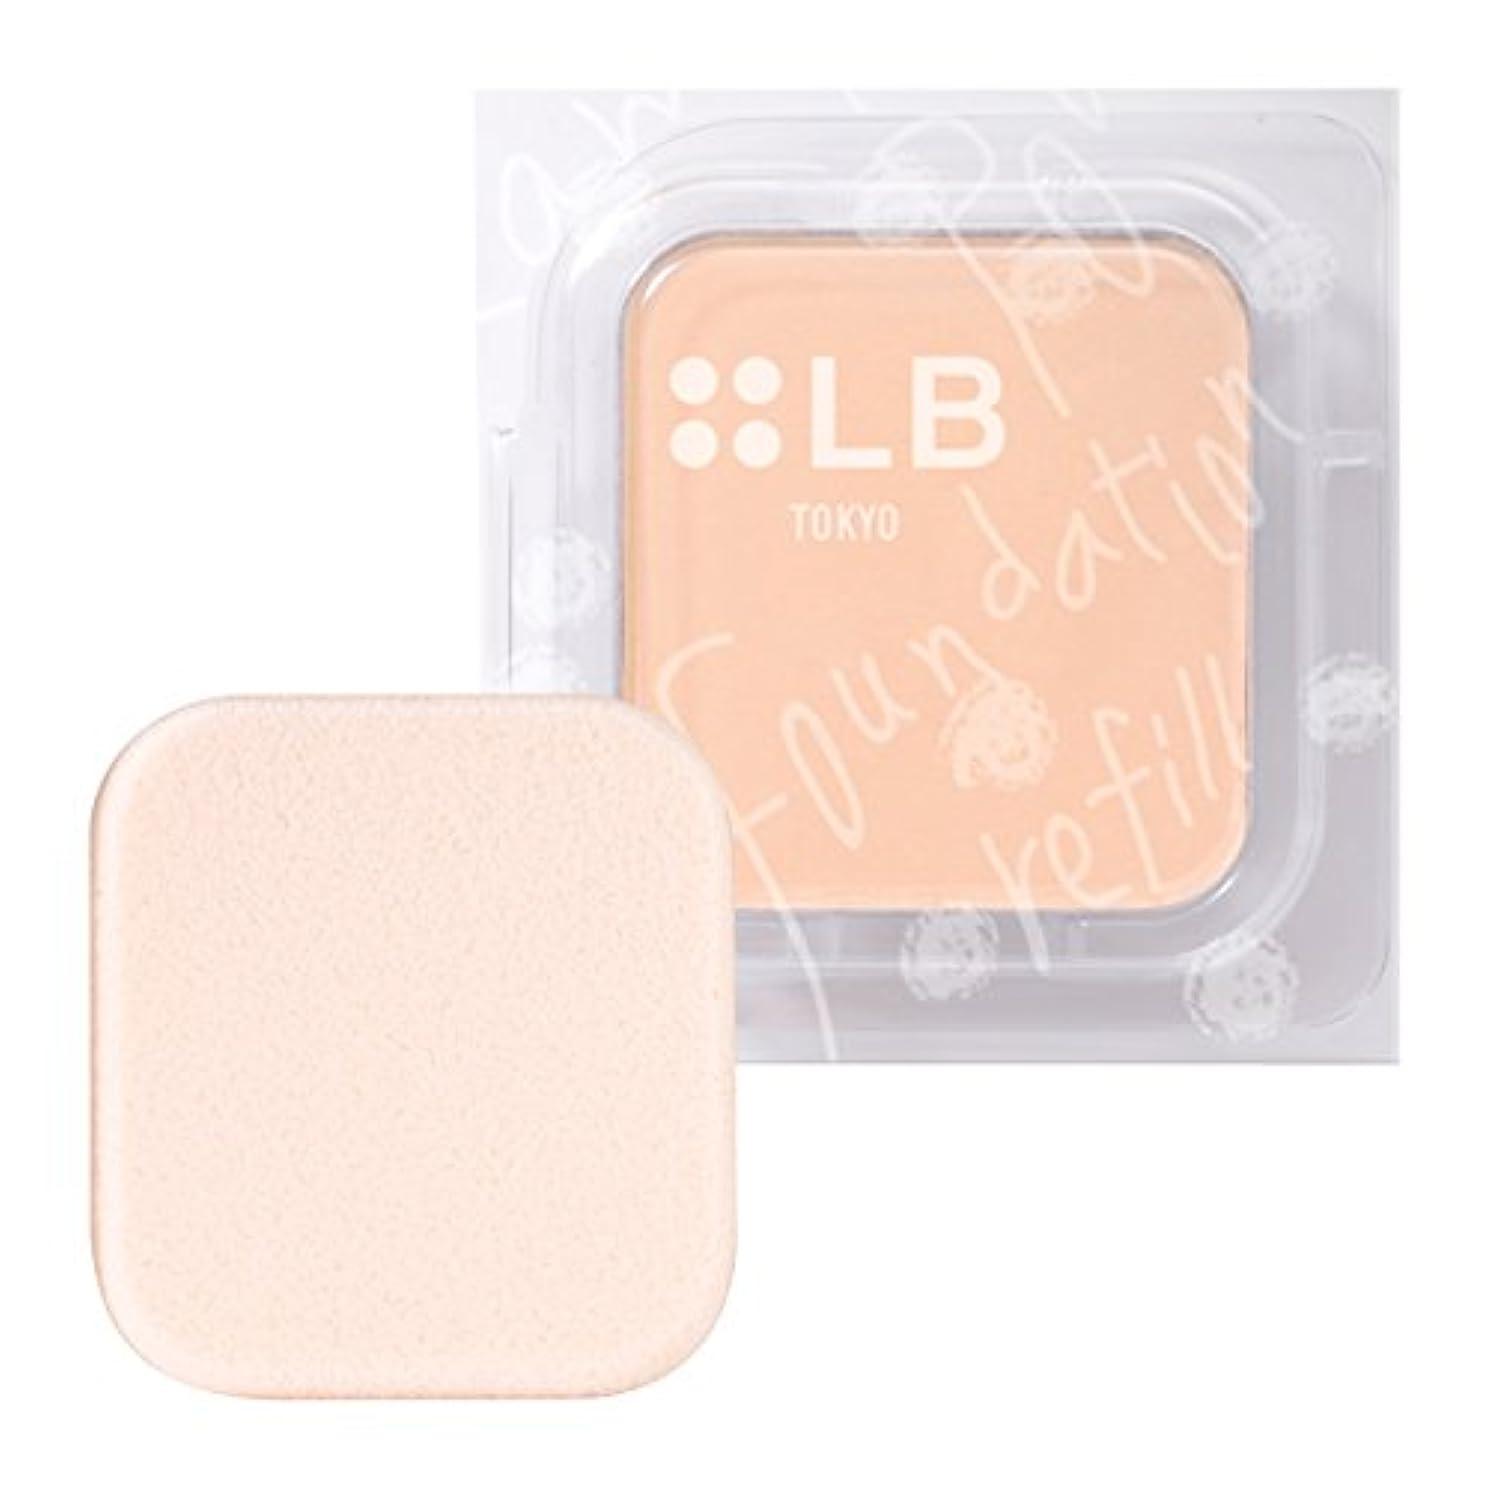 ドラッグ辞任する添加LB シームレスパウダーファンデーション レフィル ライトベージュ